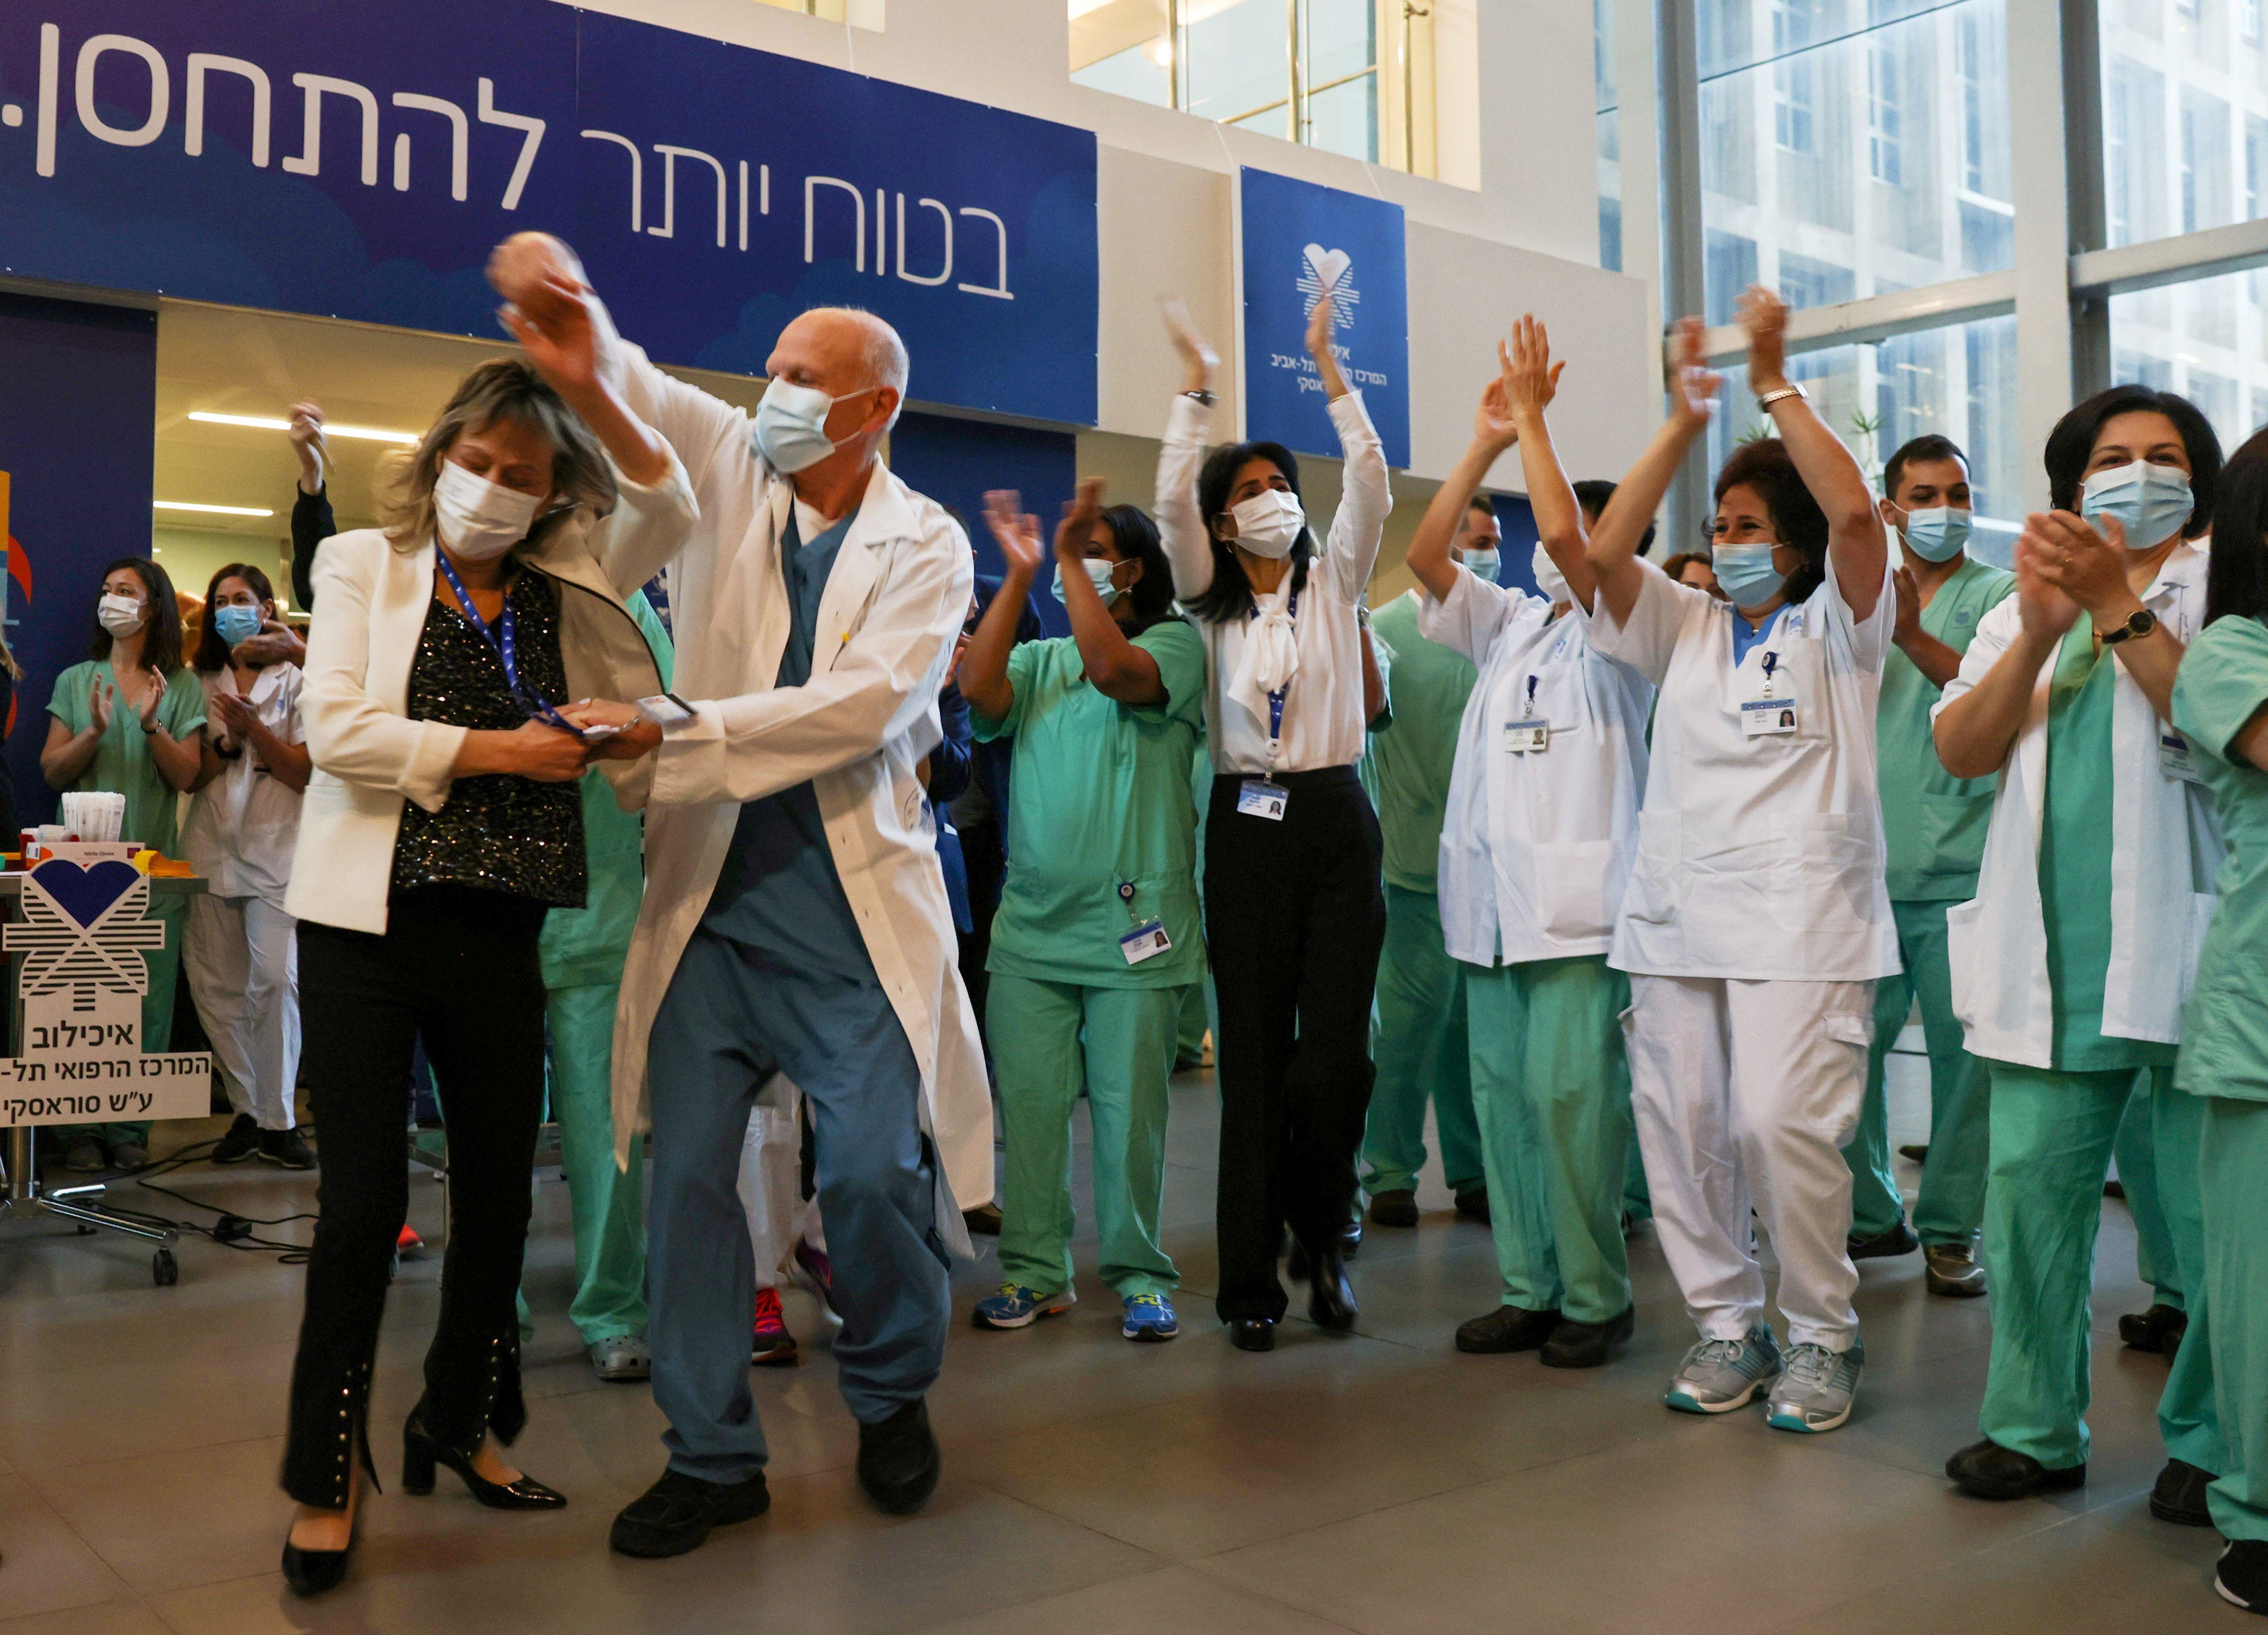 Profesionales de la salud celebran luego de recibir la vacuna contra el COVID-19 en un hospital de Tel Aviv, Israel (REUTERS/Ronen Zvulun)